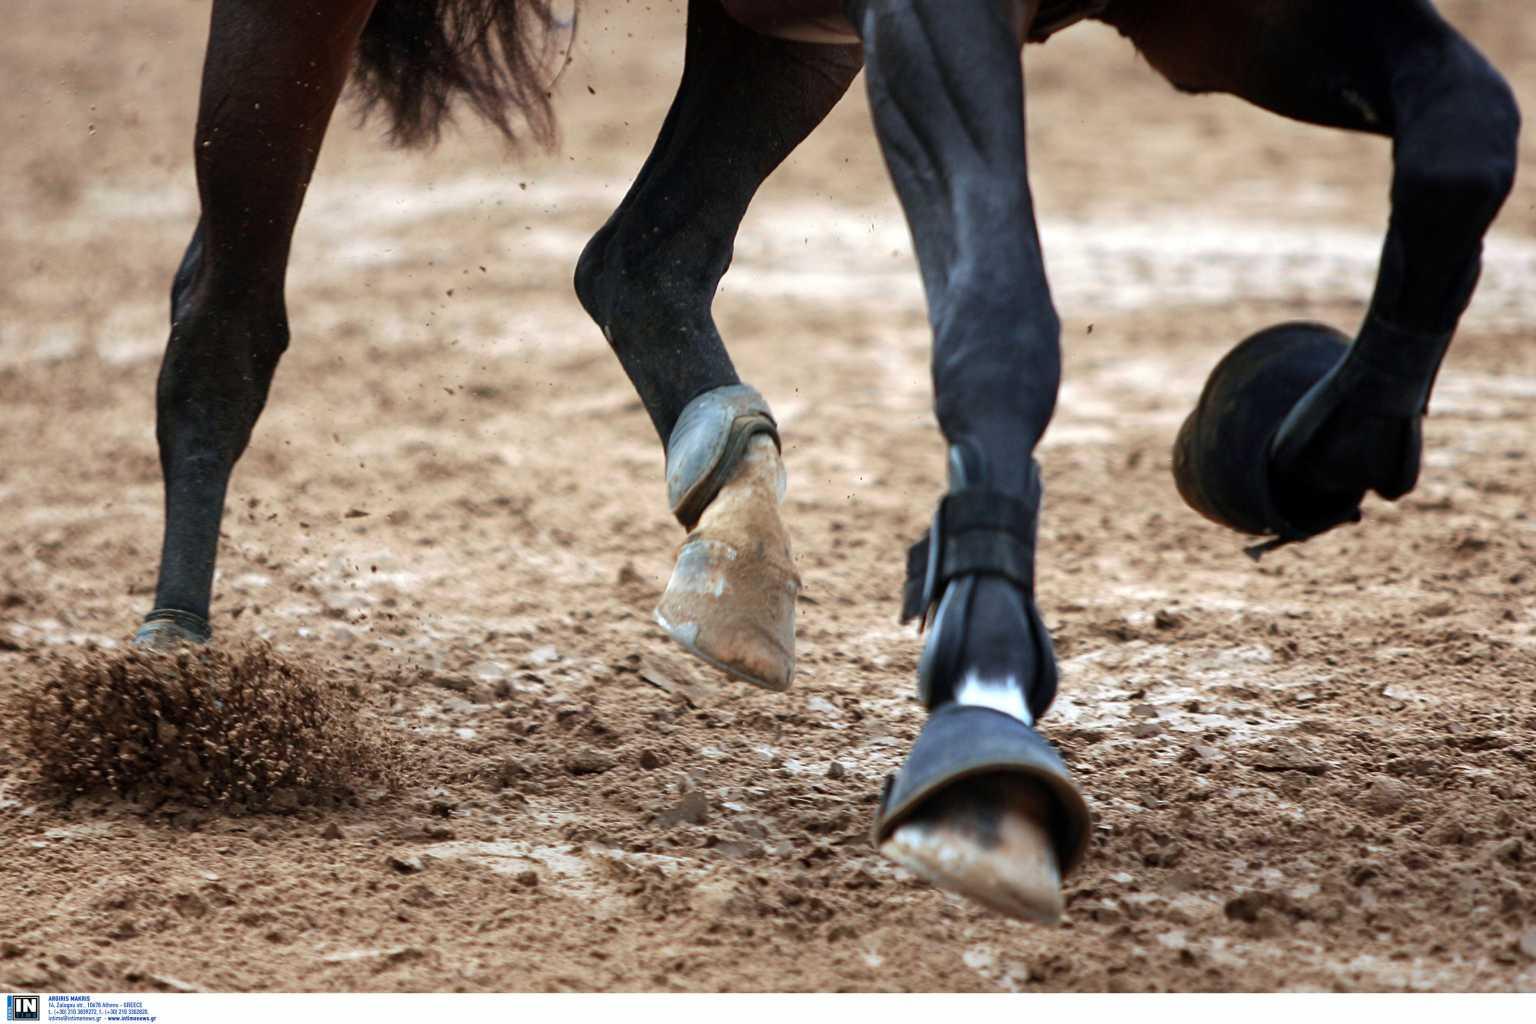 Απόπειρα βιασμού 5χρονης: «Εγώ ακινητοποίησα τον δράστη», δηλώνει ο ιδιοκτήτης της σχολής ιππασίας